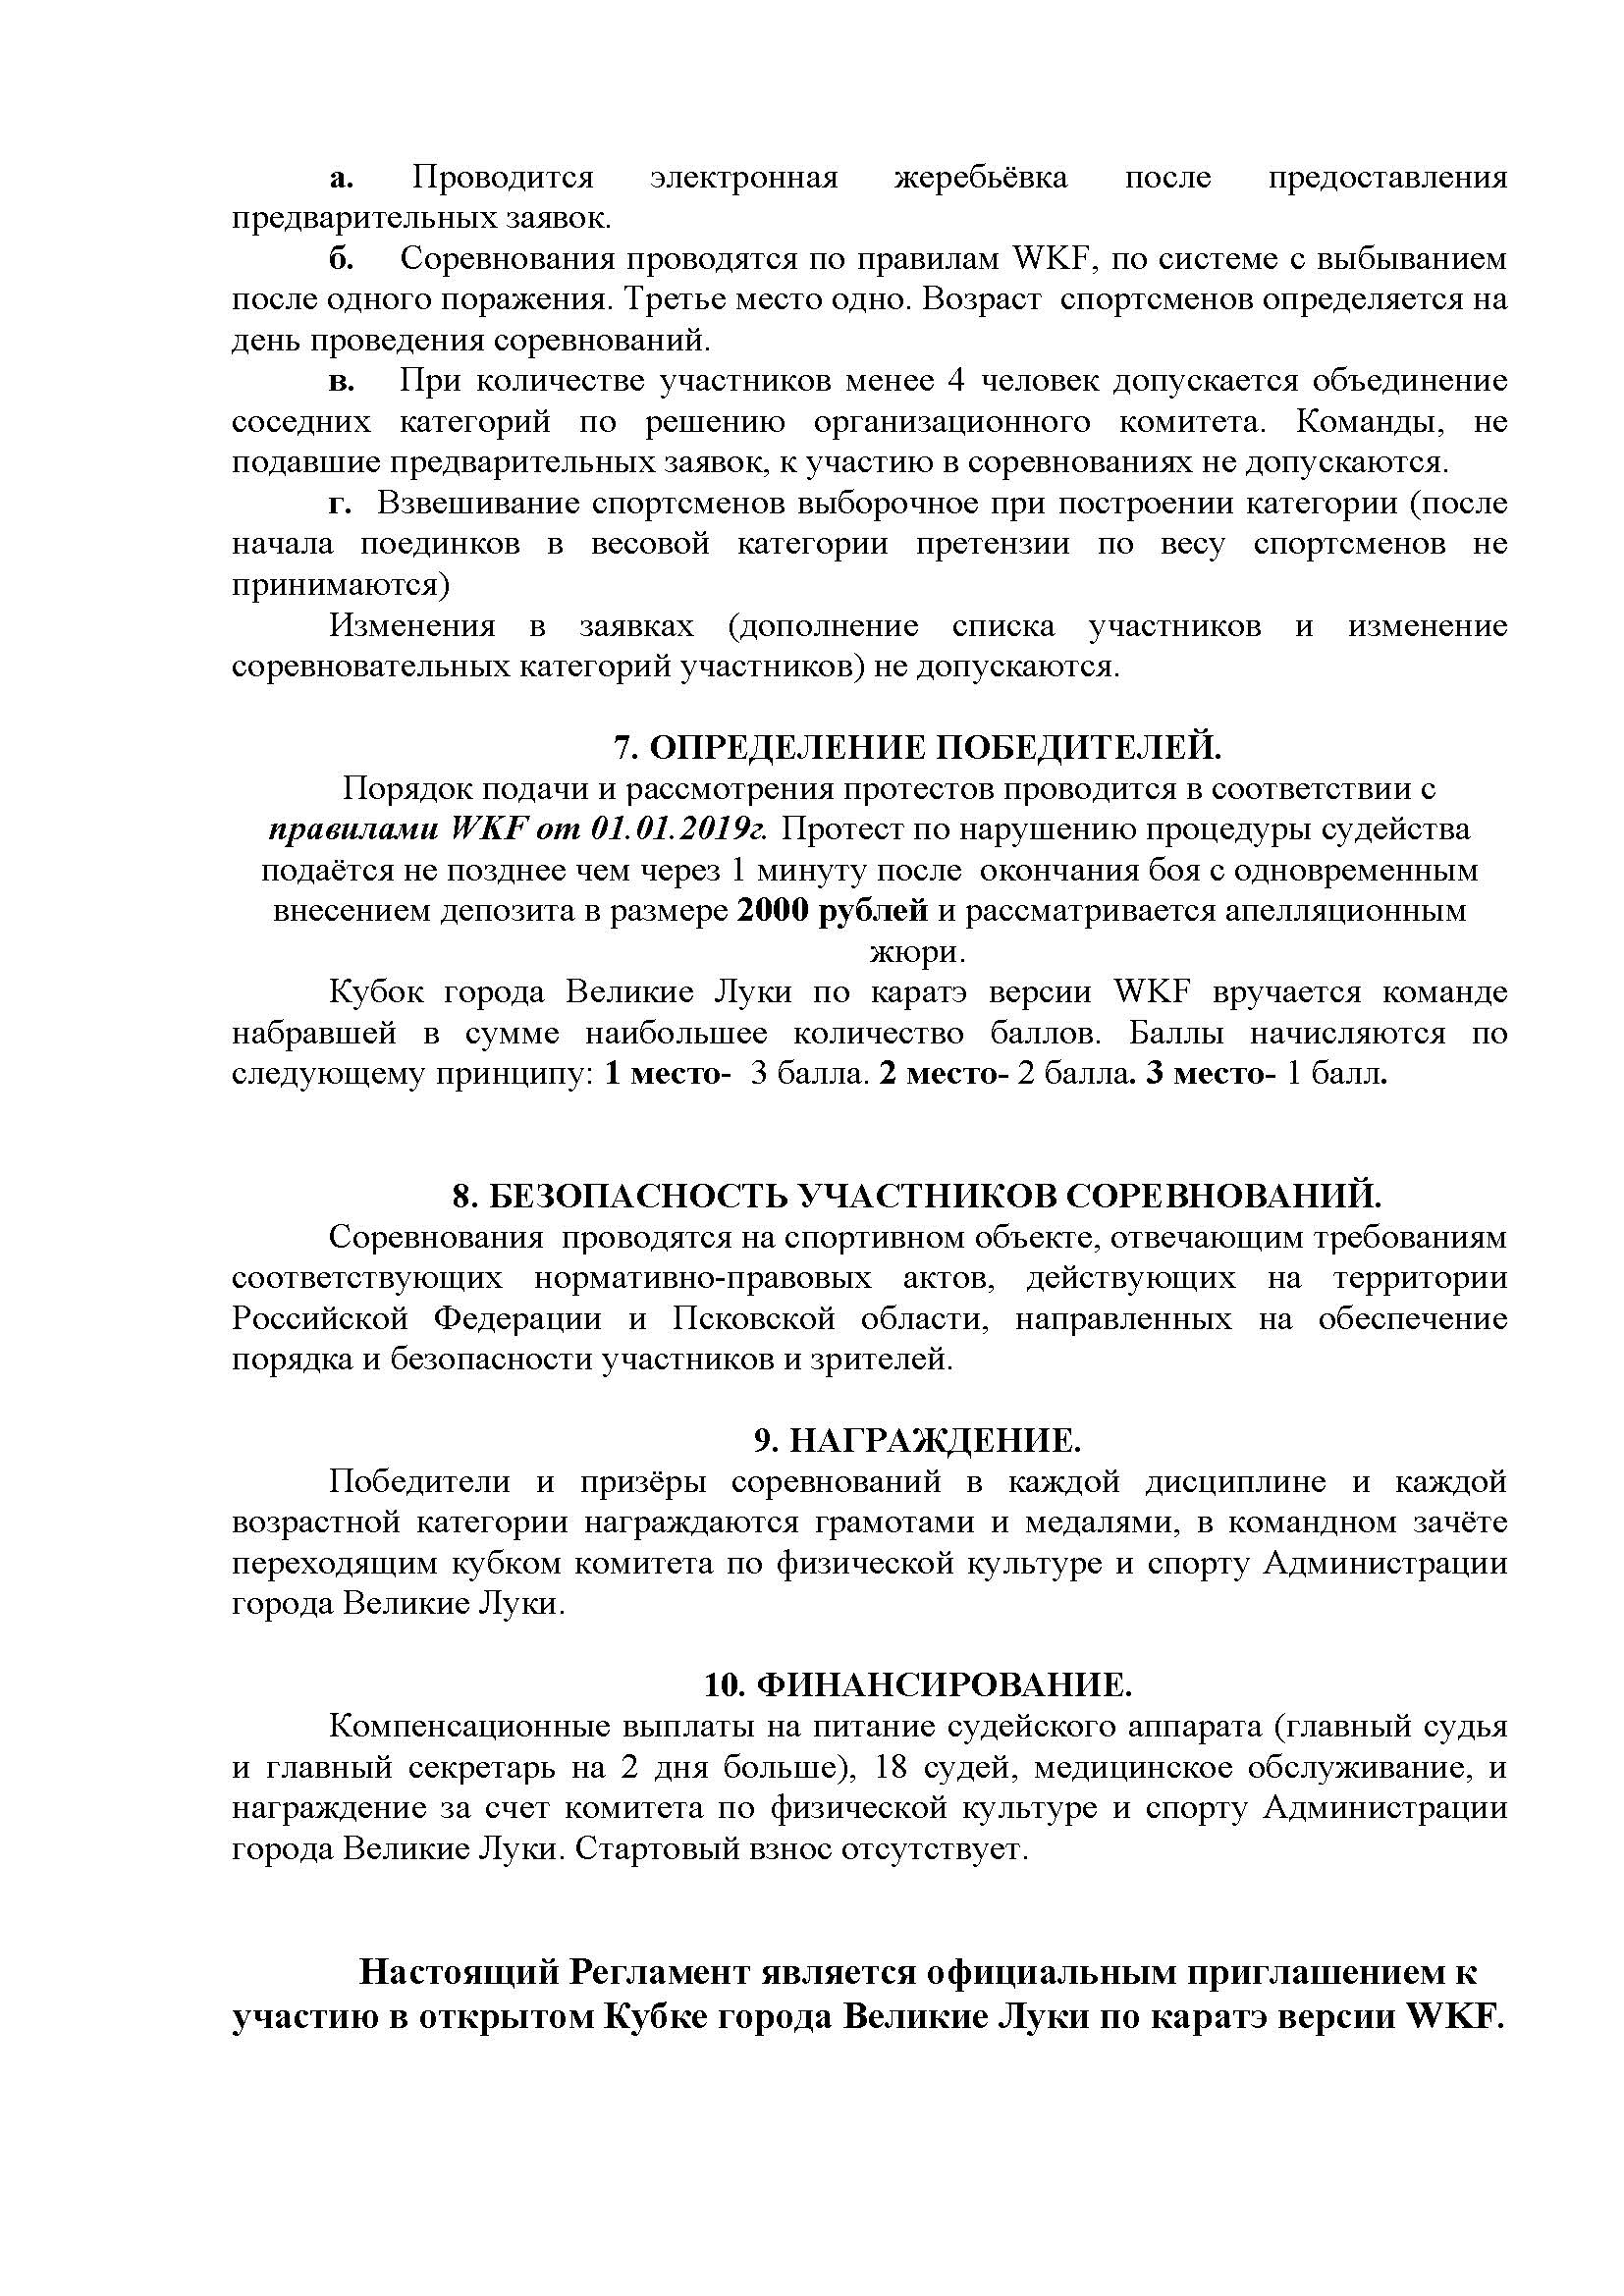 Кубок  В. Луки 2019_Страница_3